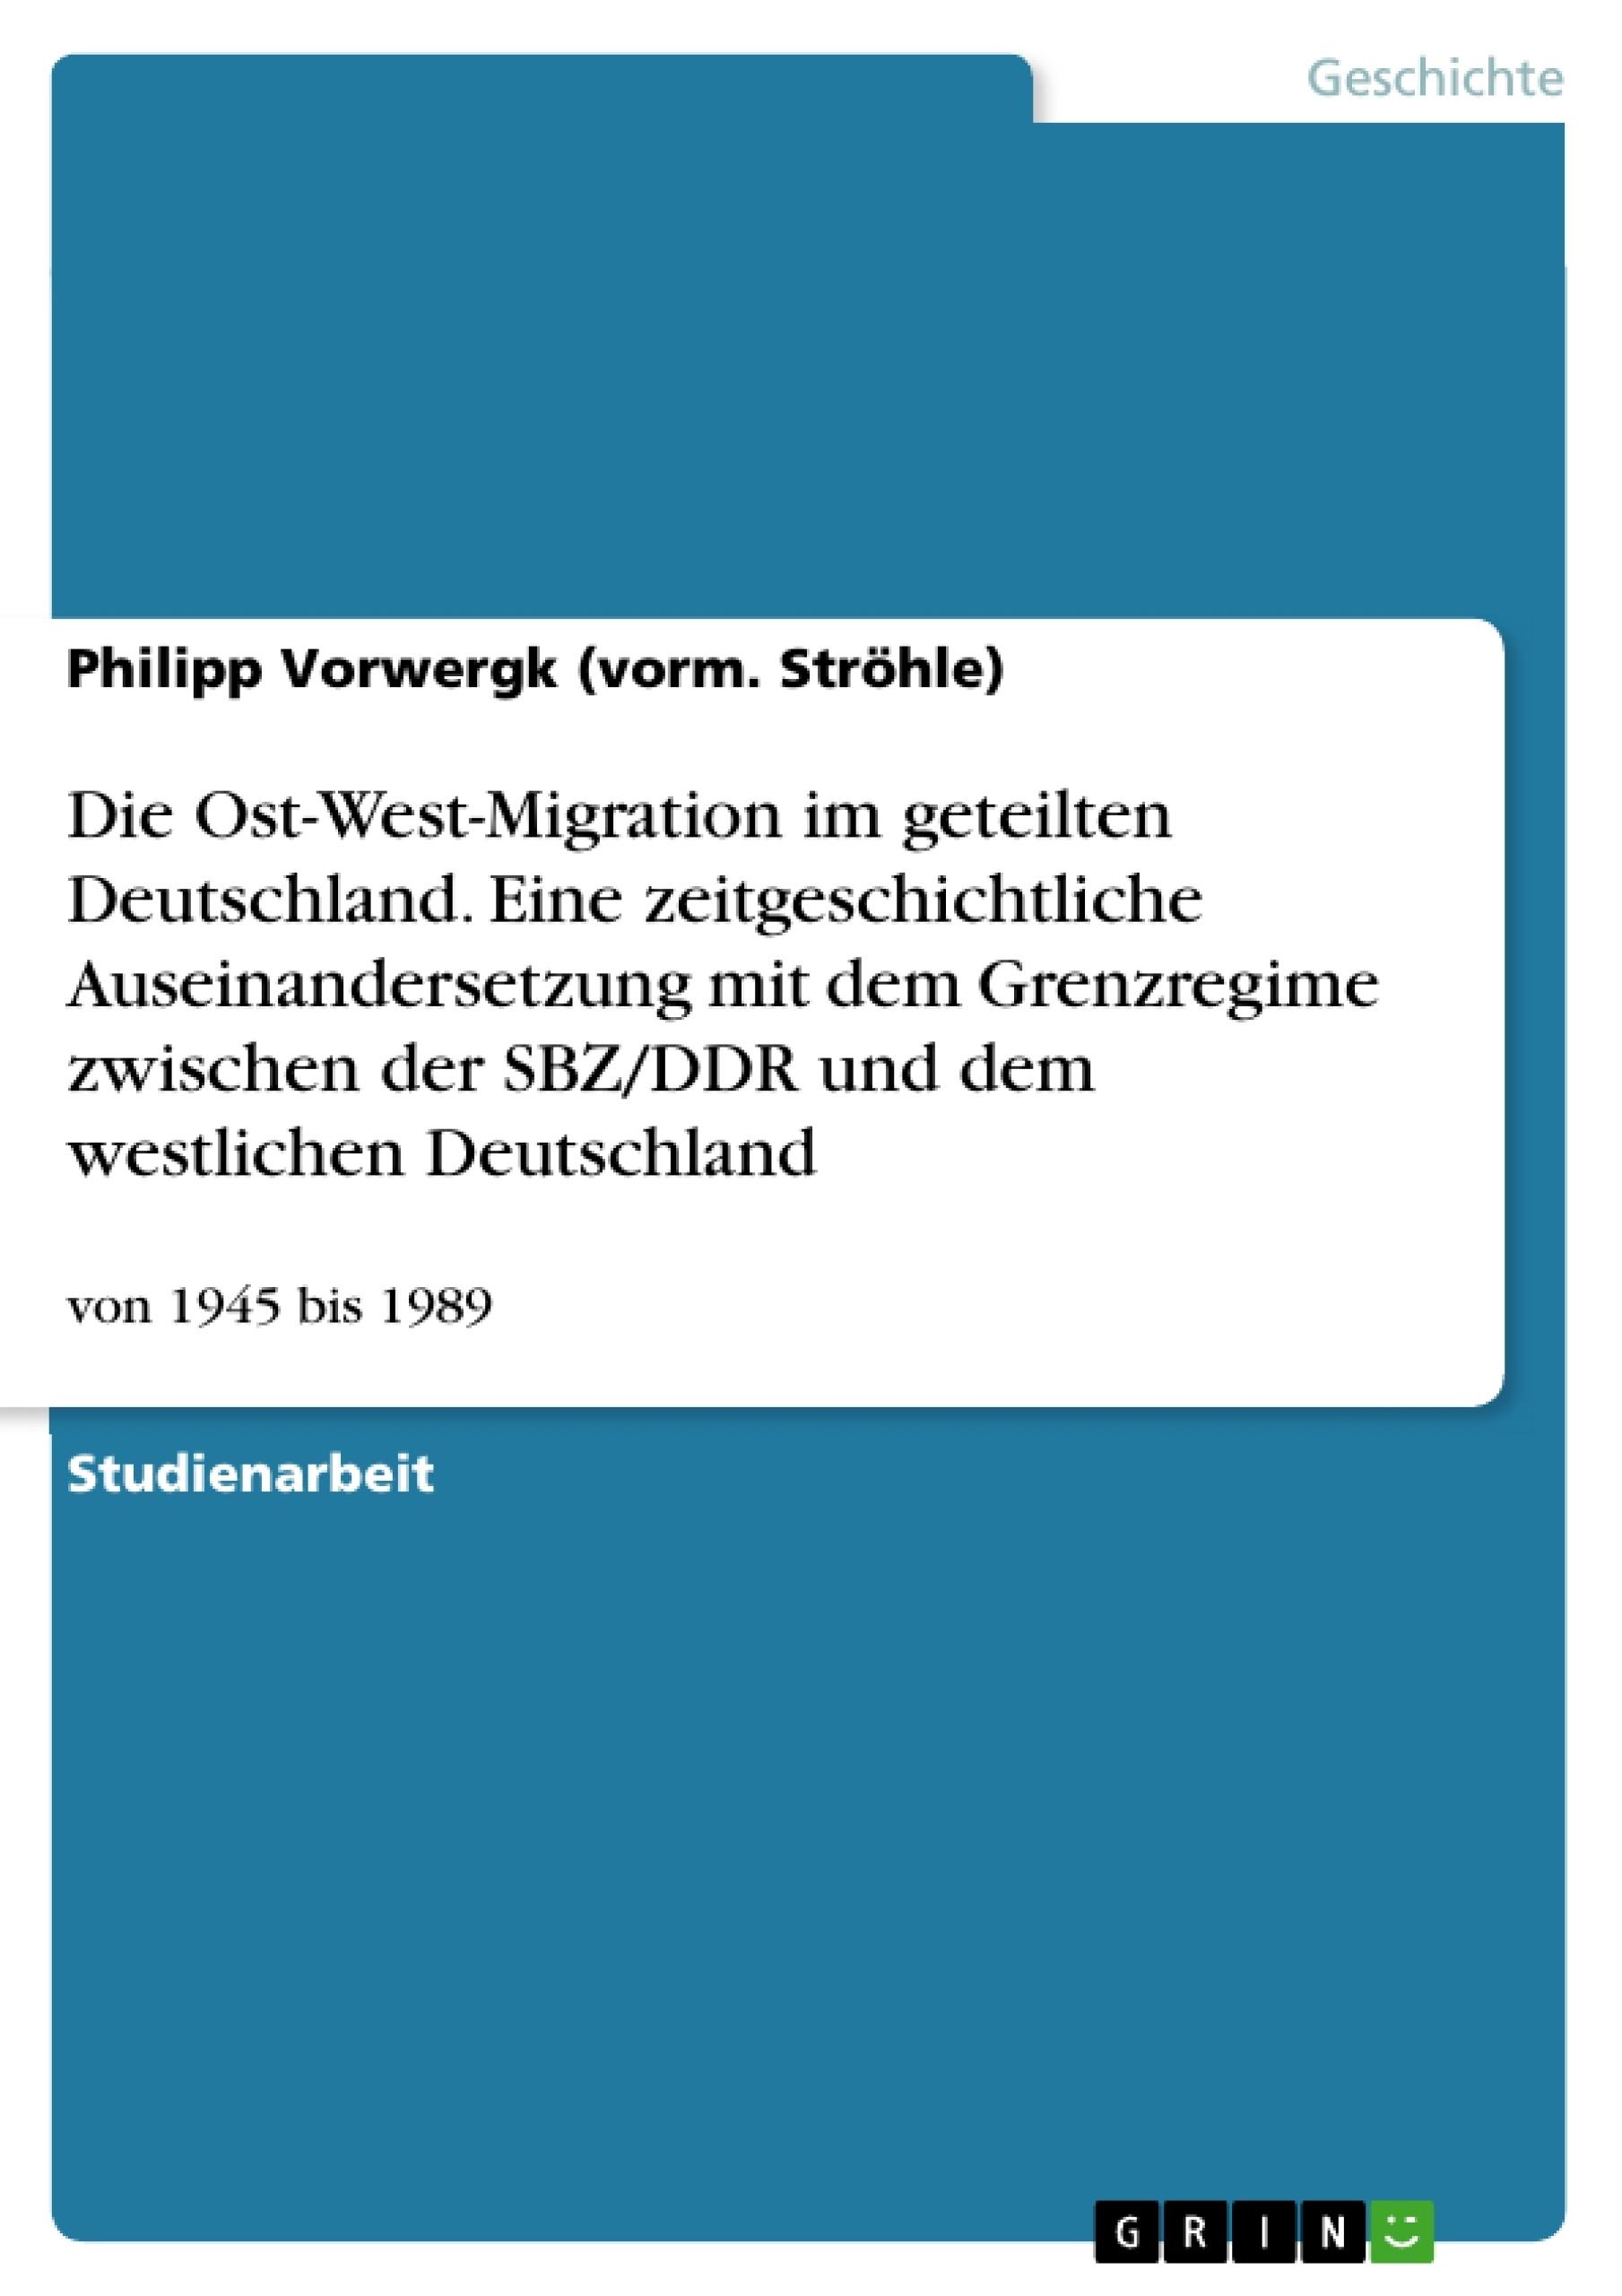 Titel: Die Ost-West-Migration im geteilten Deutschland. Eine zeitgeschichtliche Auseinandersetzung mit dem Grenzregime zwischen der SBZ/DDR und dem westlichen Deutschland